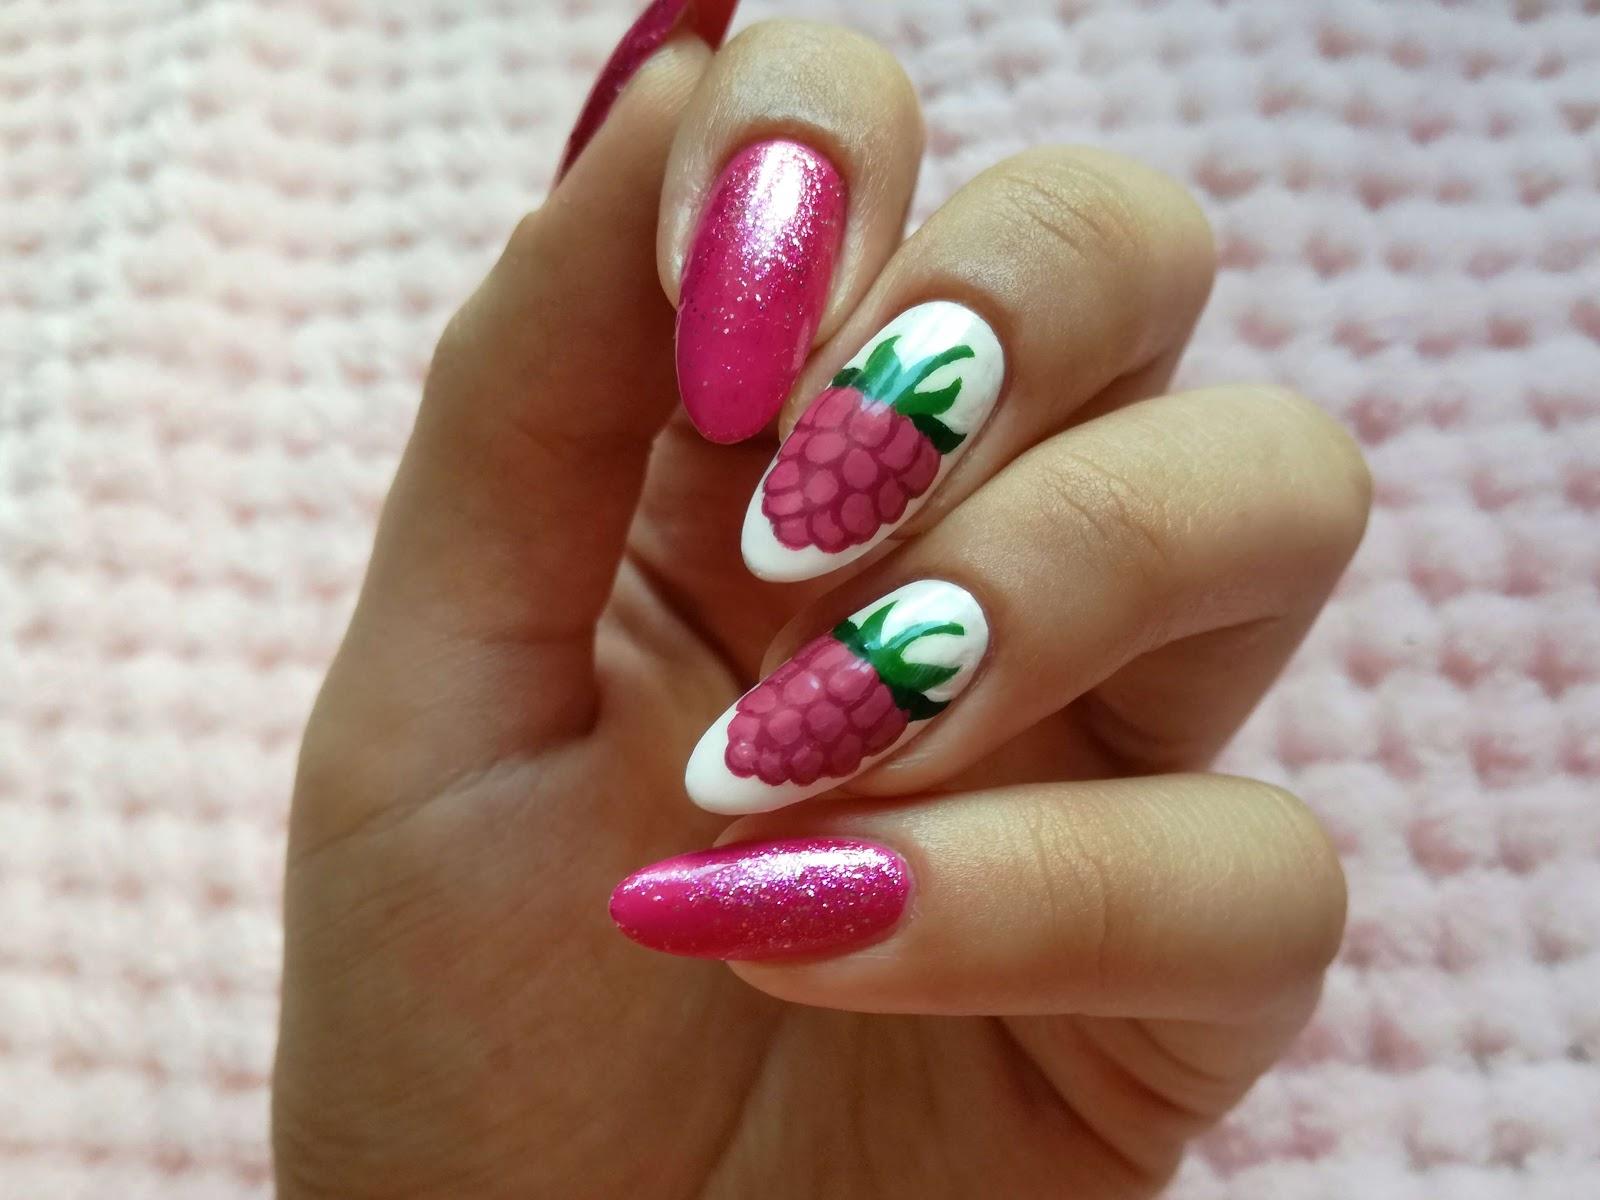 paznokcie w maliny